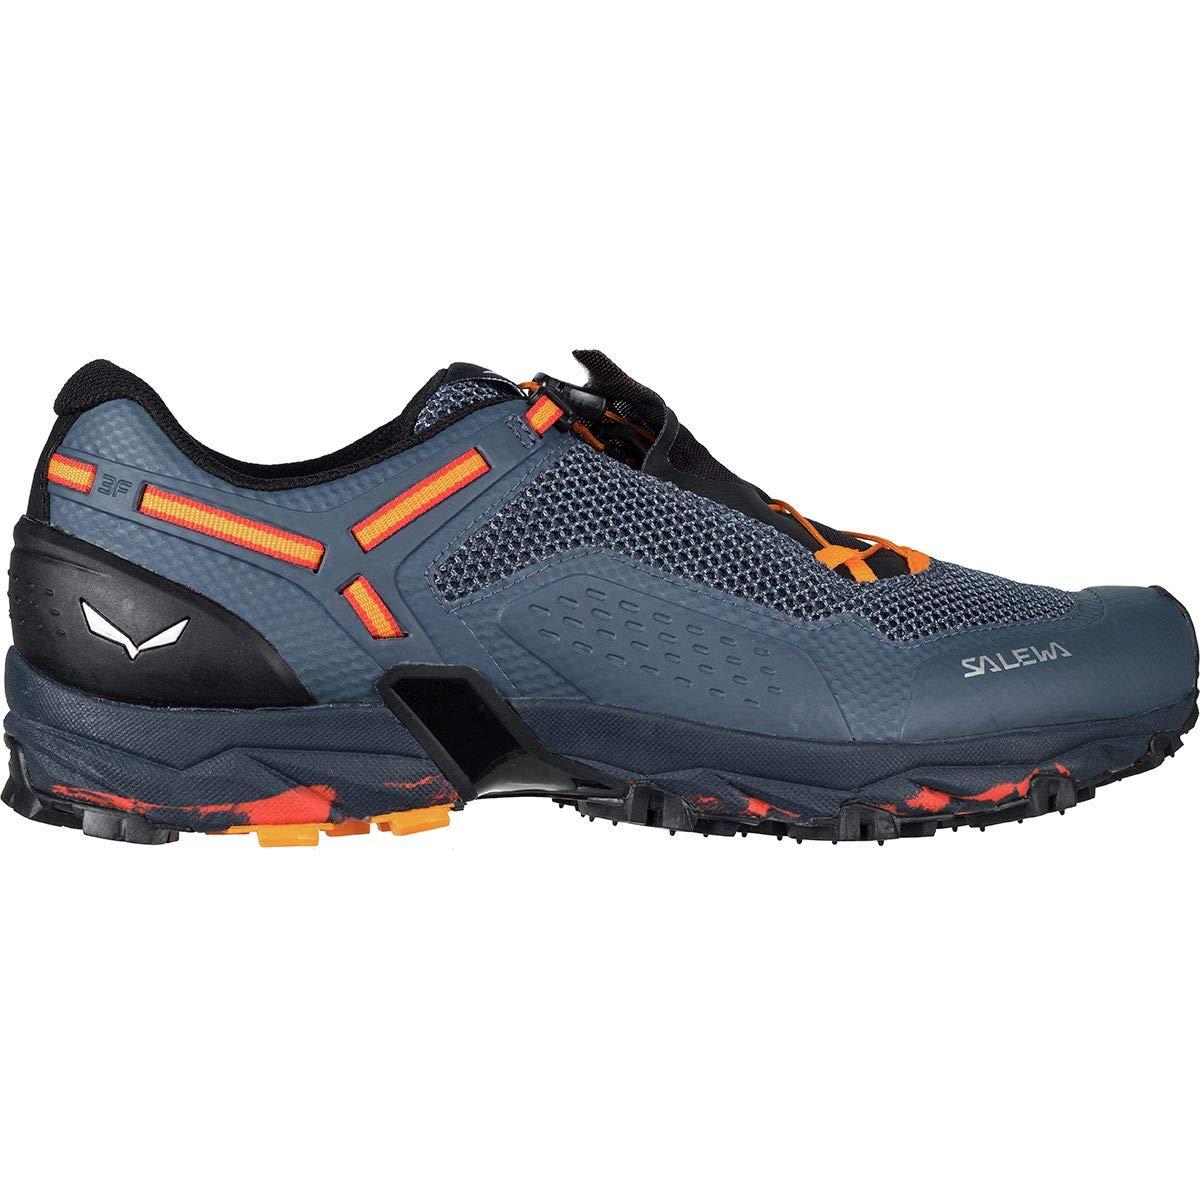 優先配送 [サレワ] メンズ Ultra ランニング Ultra Train 2 [サレワ] Trail Running Shoe Trail [並行輸入品] B07NZM5KKL 10, 現場リズム:494740d2 --- vrpawar.in